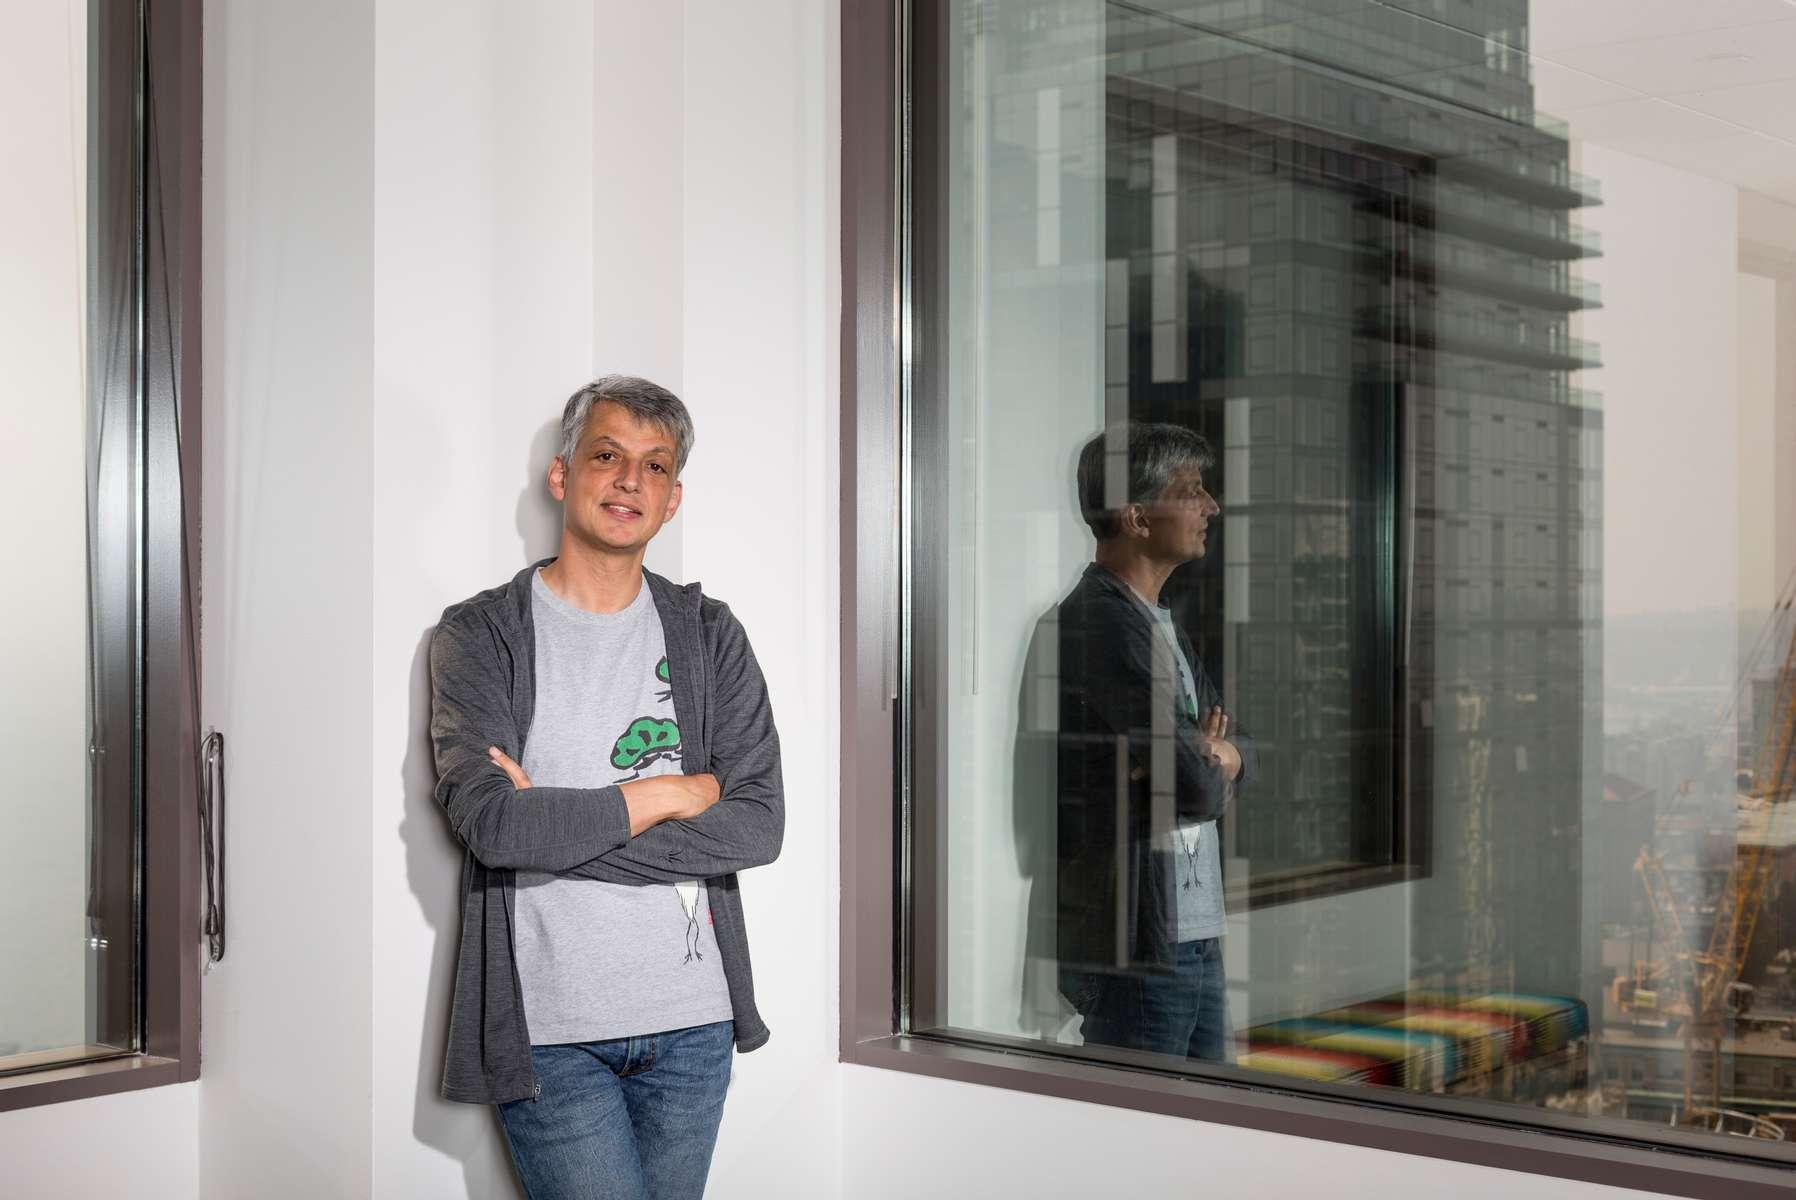 Biz_Portrait_window